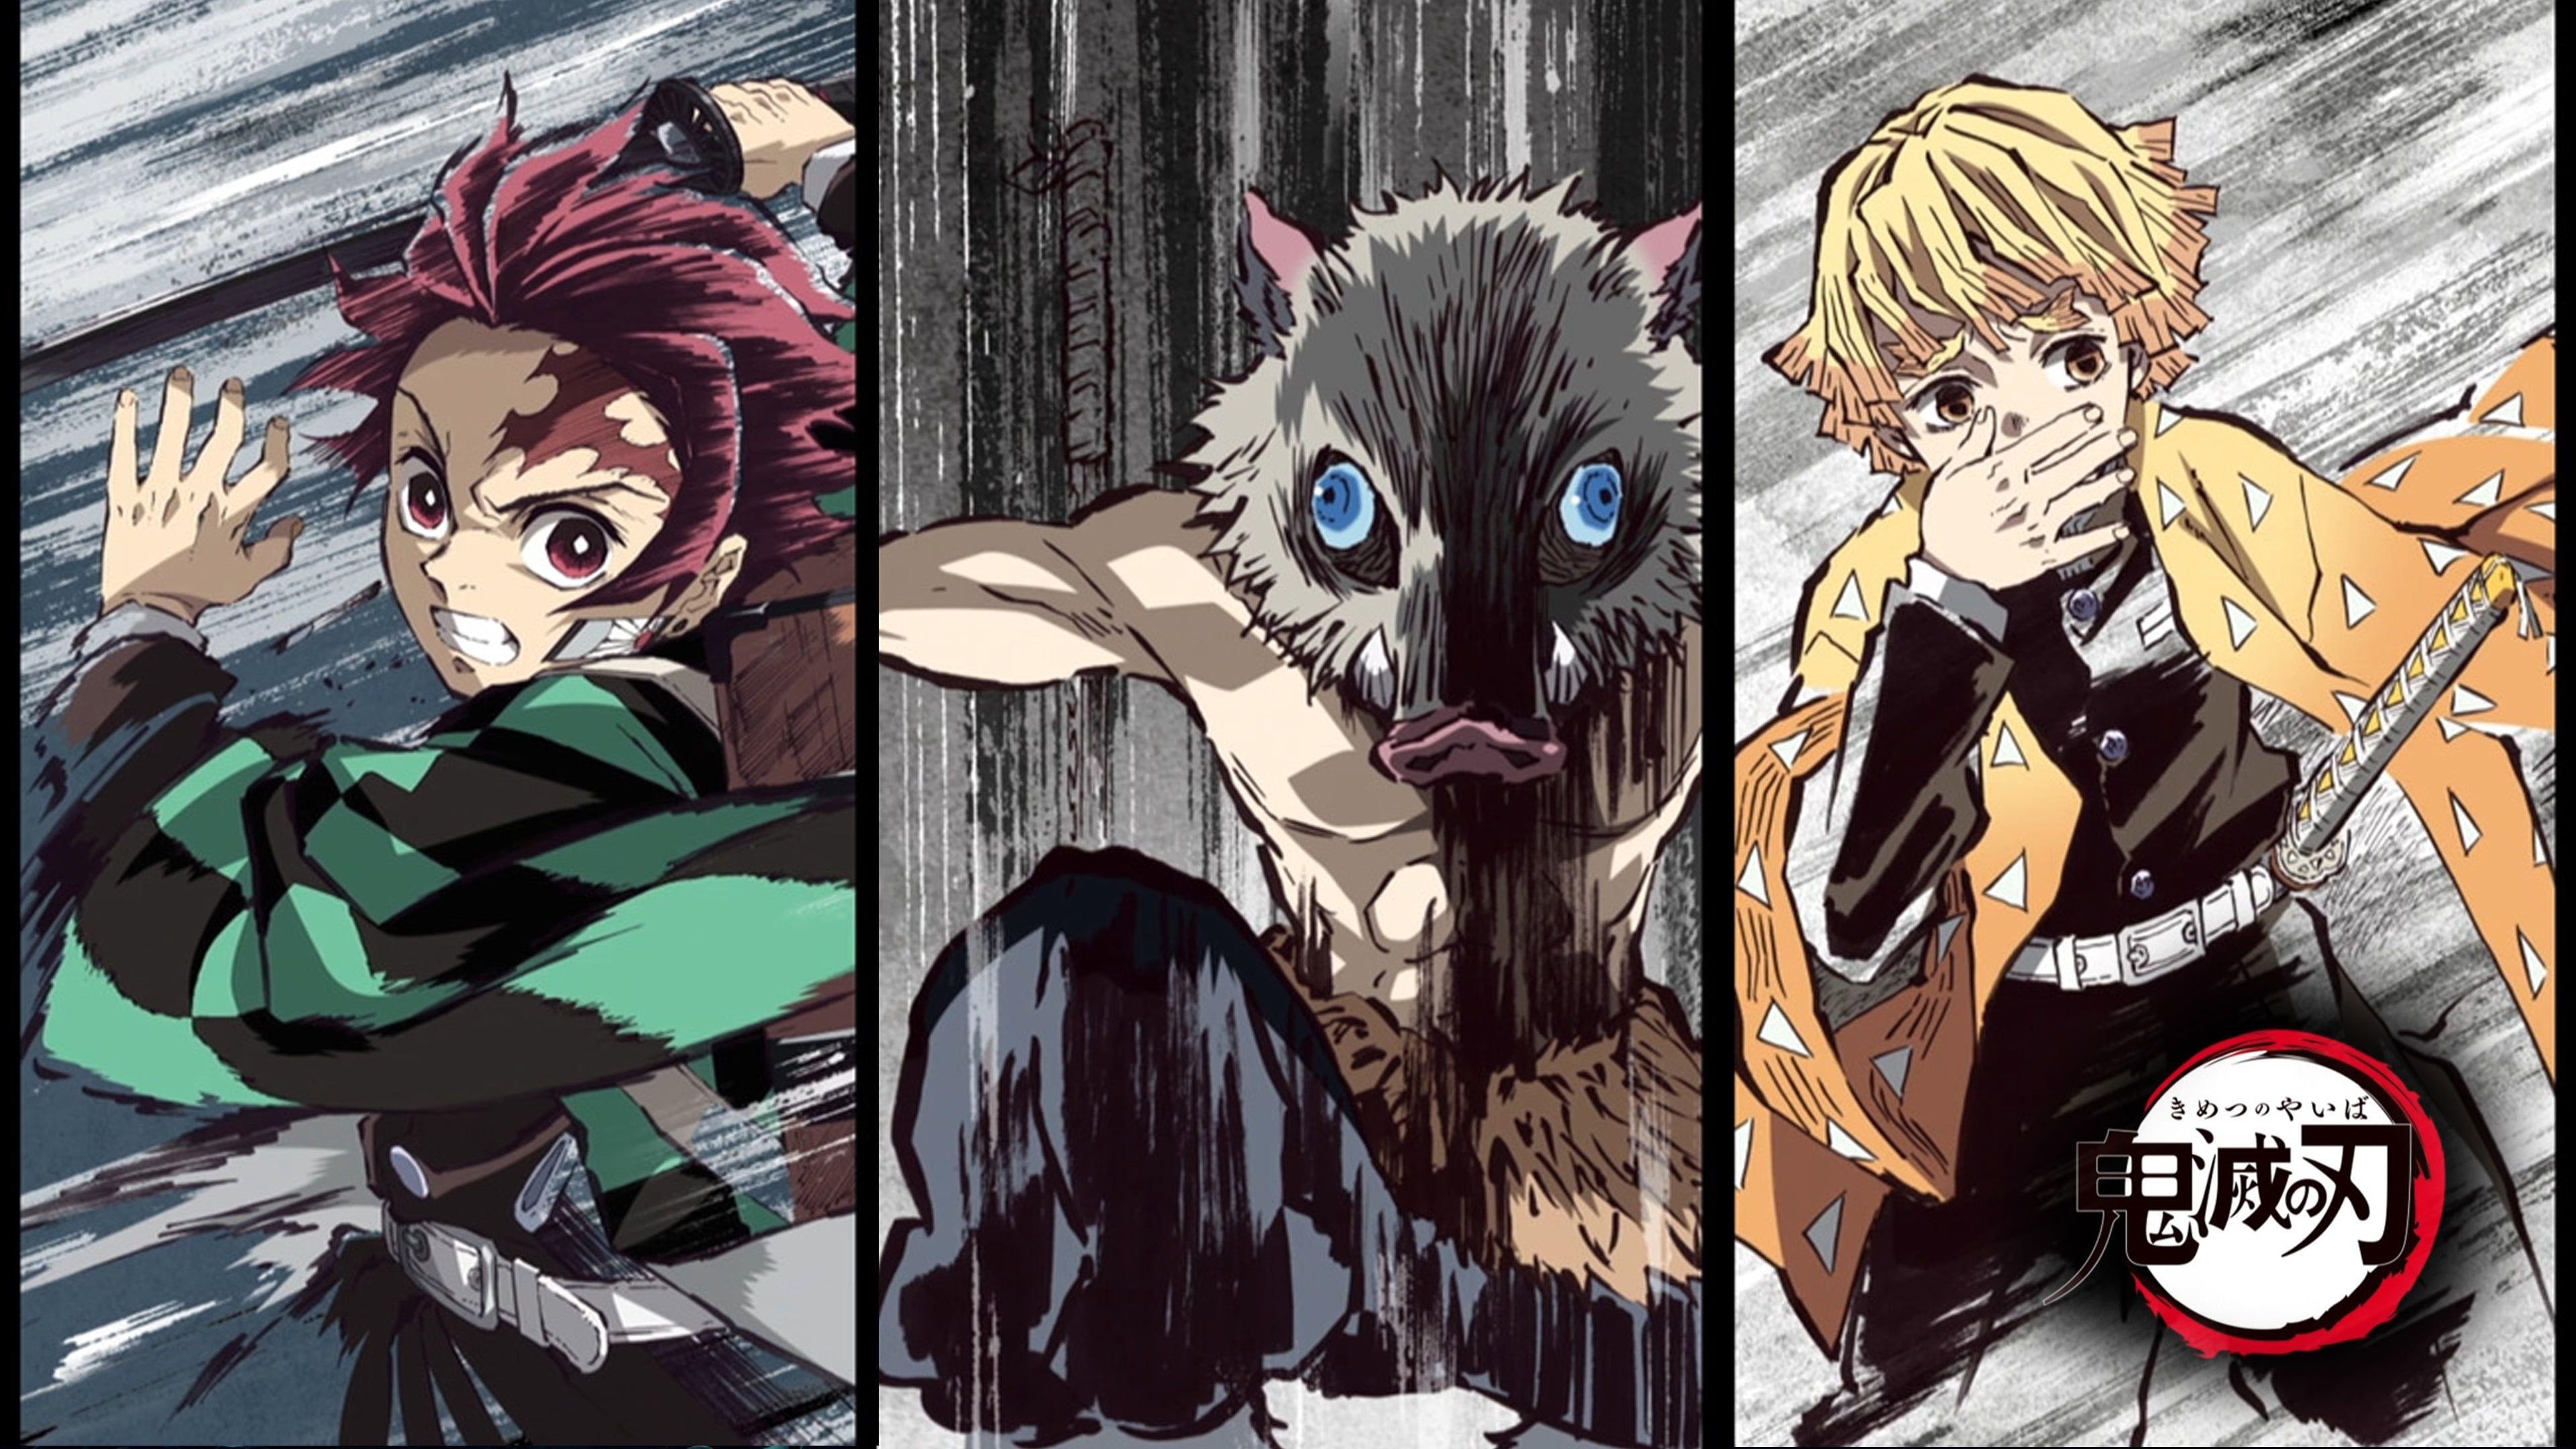 Anime Demon Slayer Kimetsu No Yaiba Inosuke Hashibira Tanjirou Kamado Zenitsu Agatsuma 4k Wallpaper Hdwallpape In 2020 Anime Wallpaper Anime Cool Anime Wallpapers